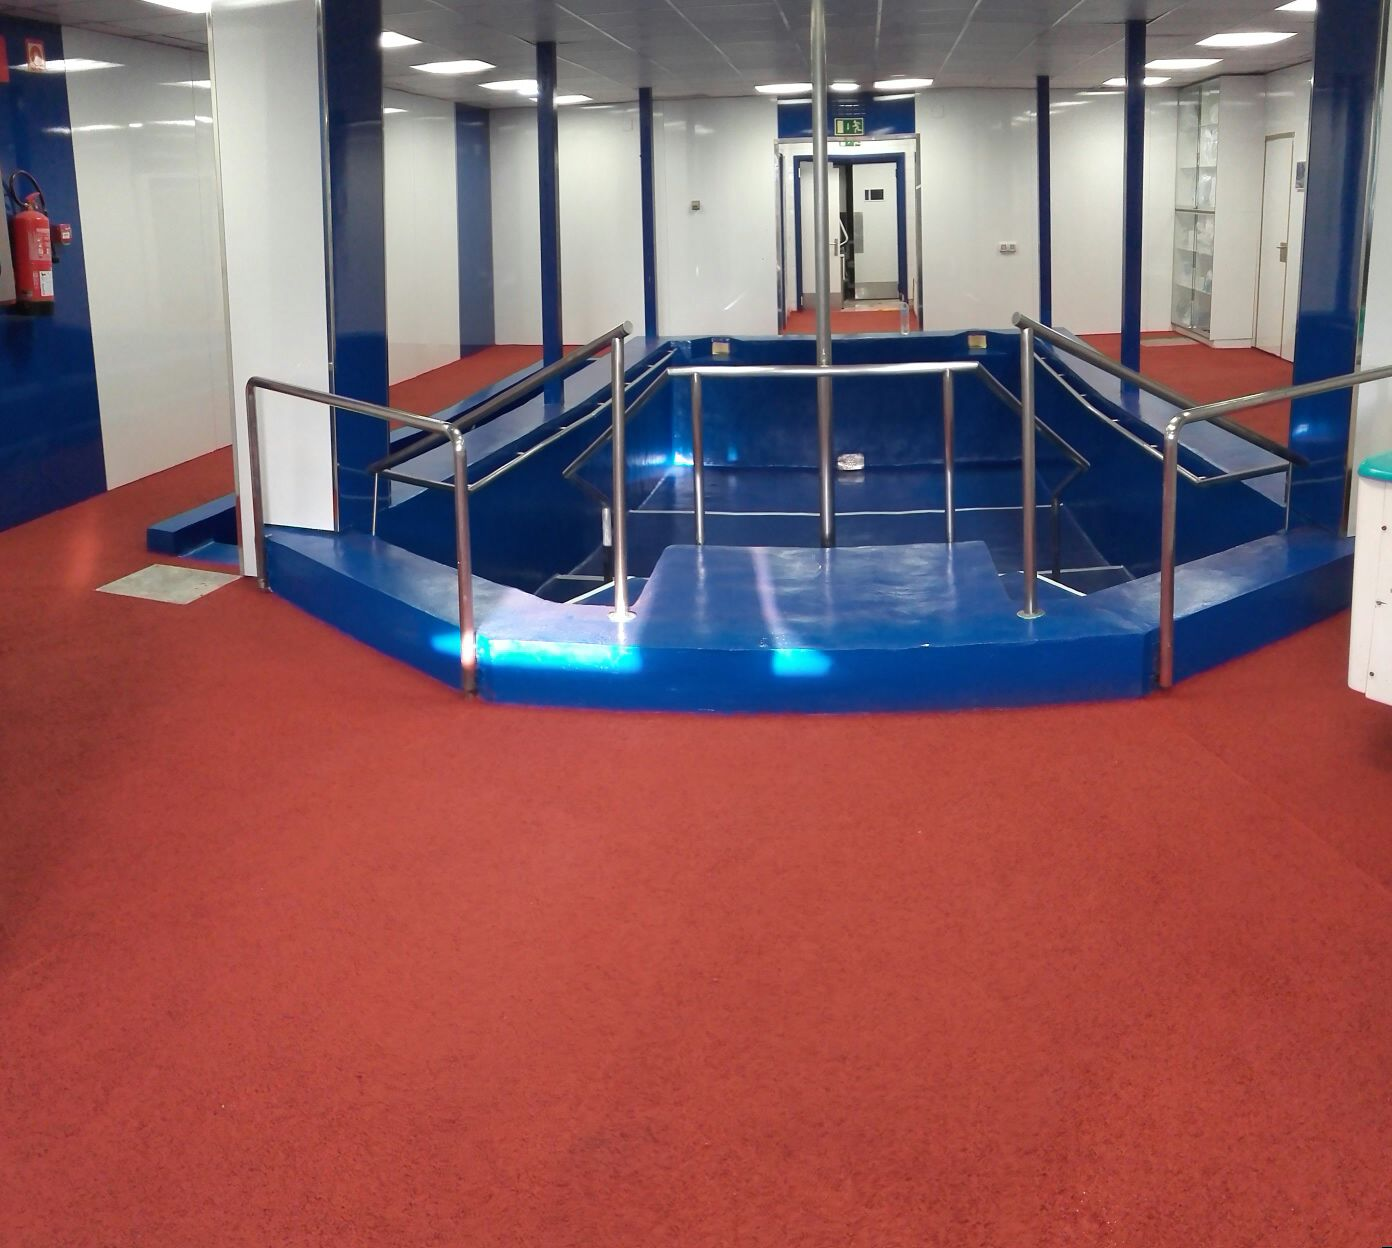 Pavimento de zona de playa de piscina 3 pavimentos pavipor for Pavimento para piscinas